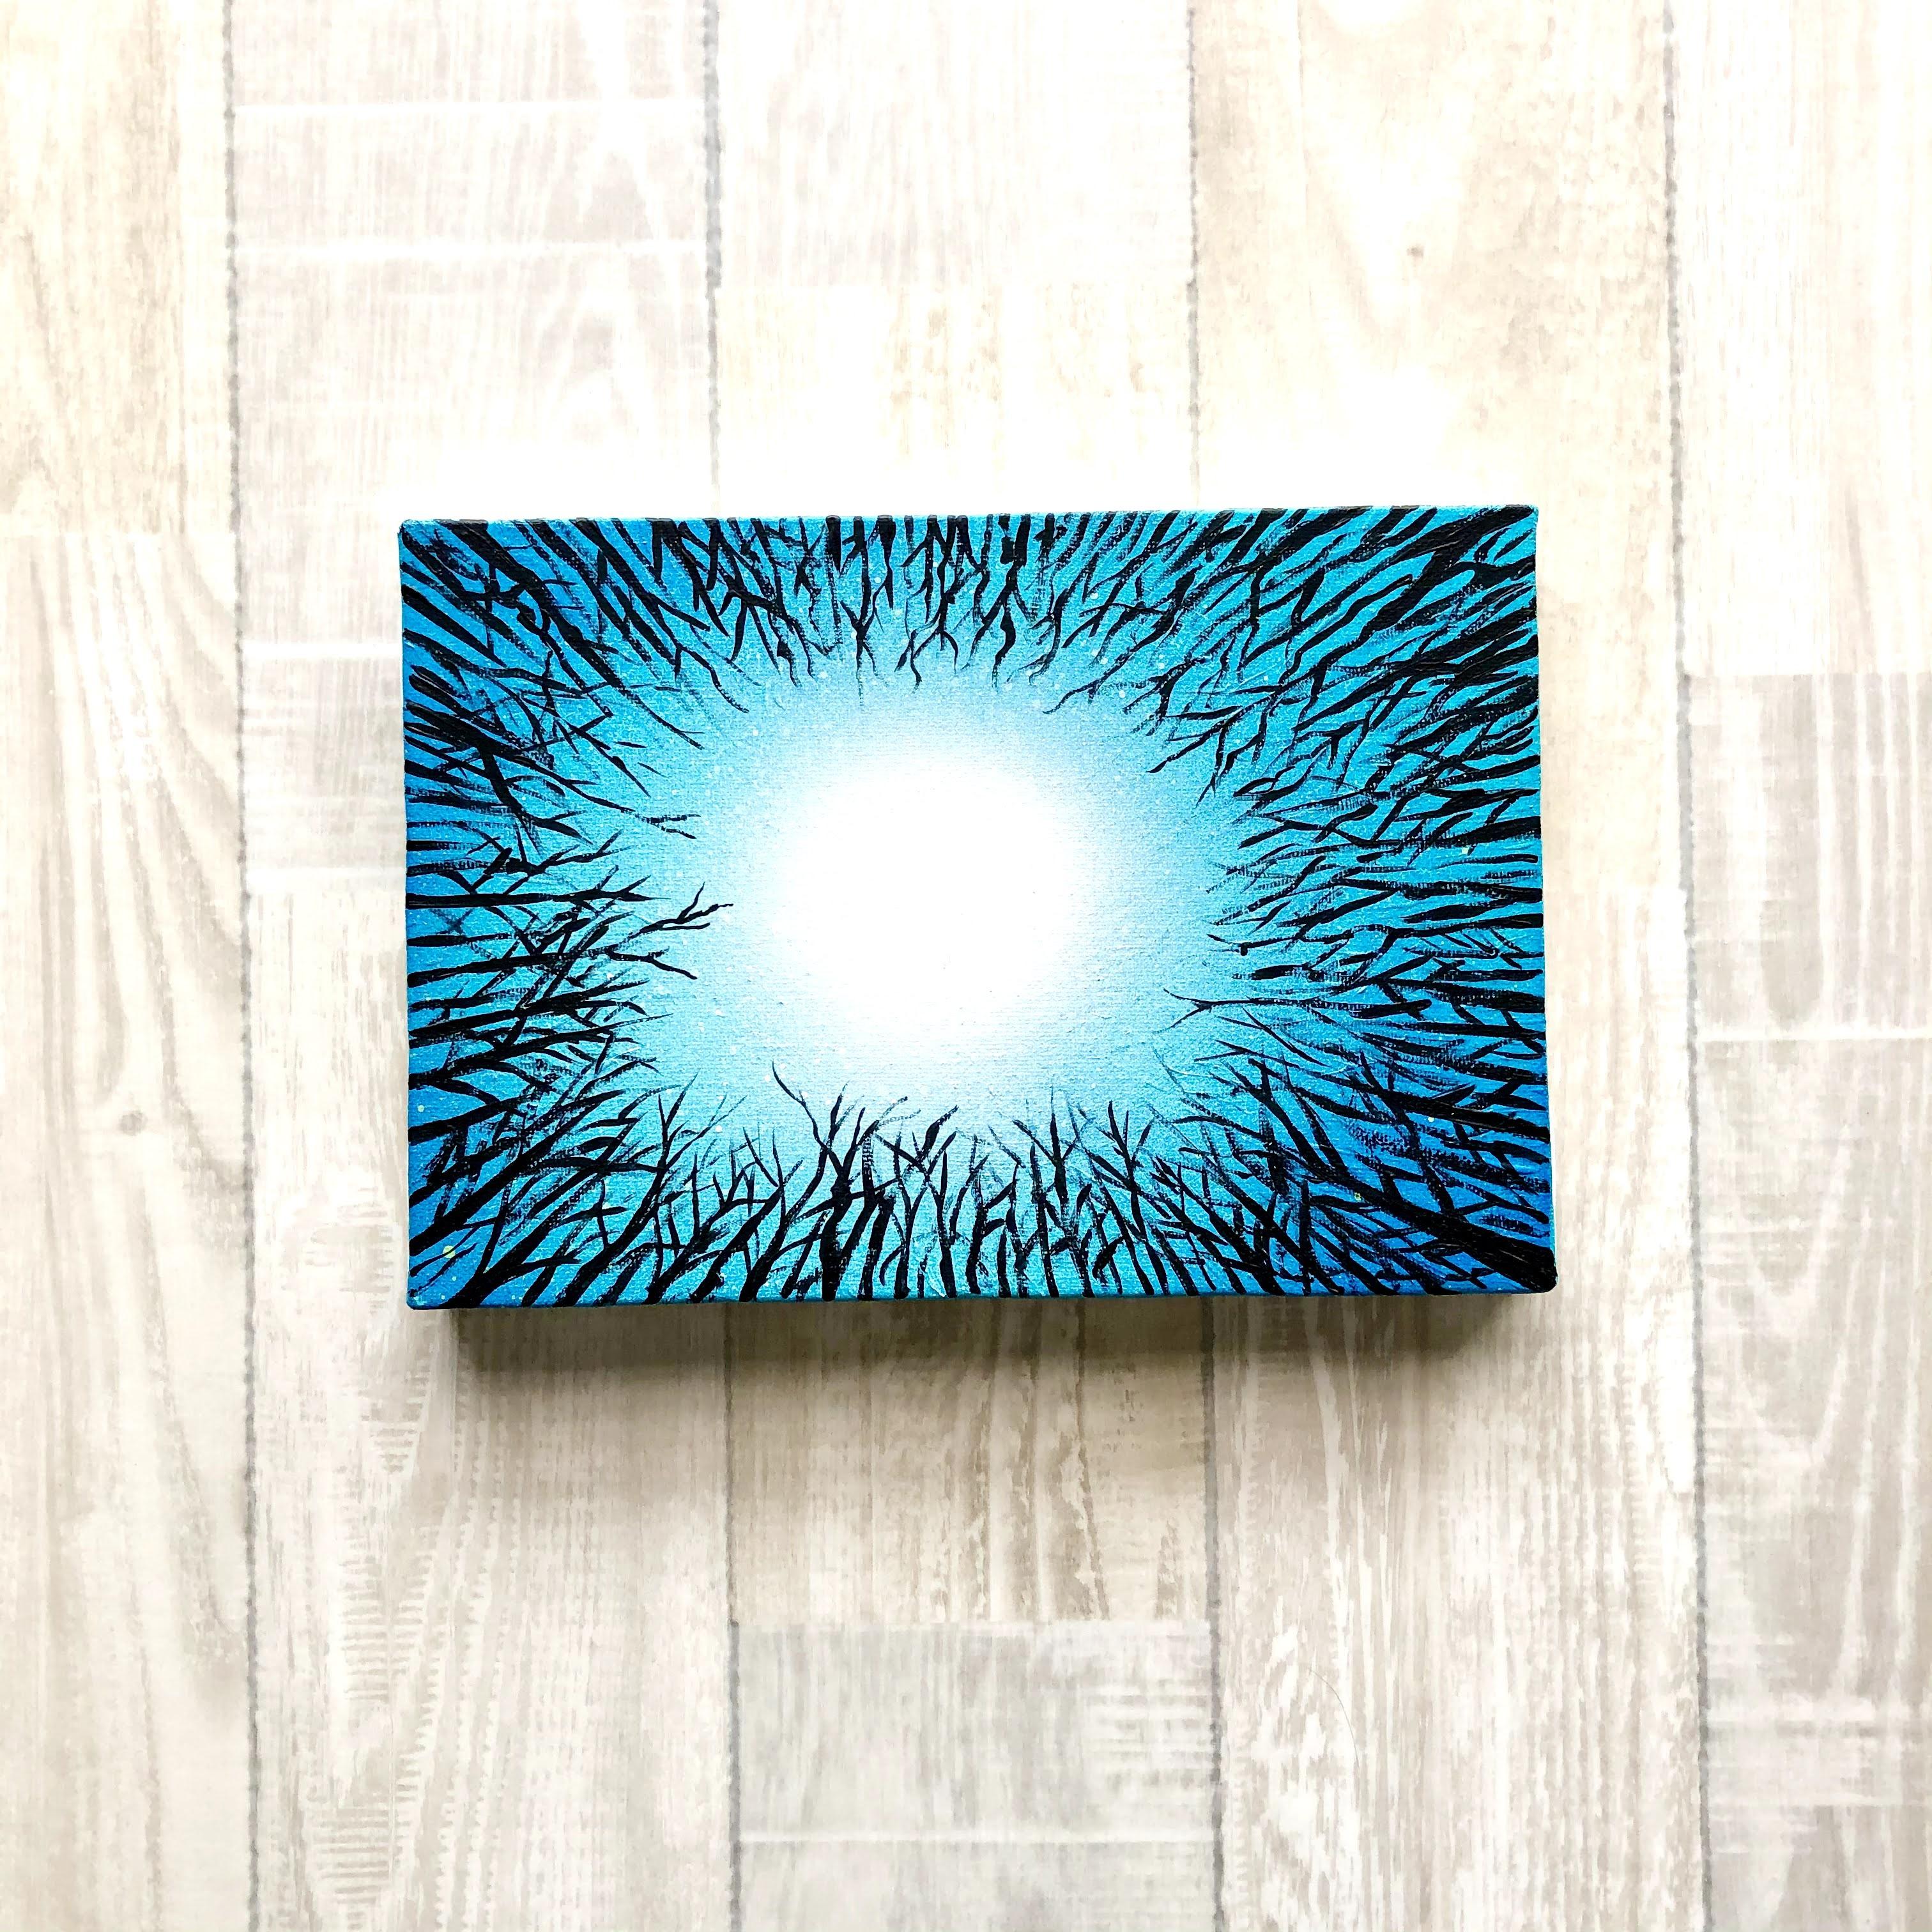 「生きること」 キャンバスパネル風景画